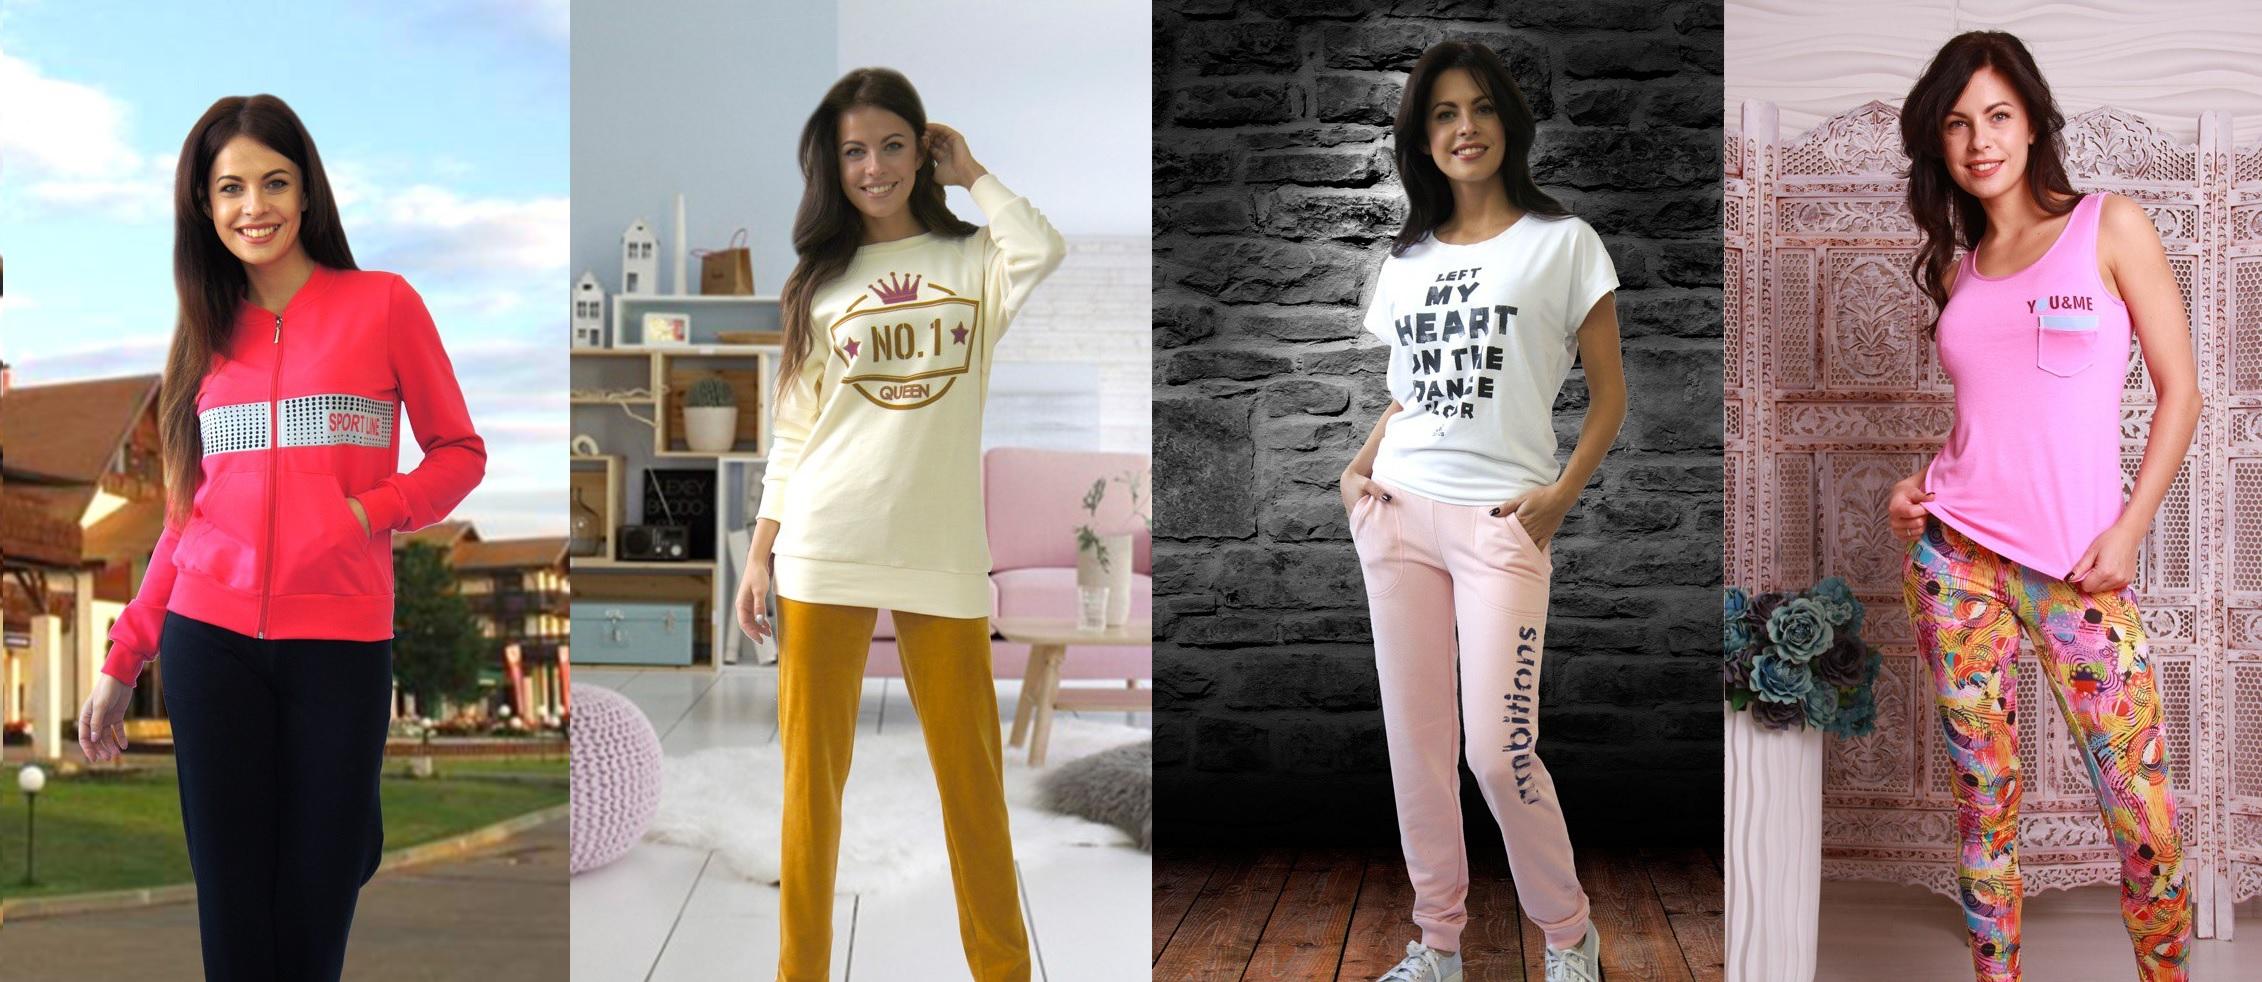 Рекомендую! Итальянский стиль от M>>i>>x-m>>o>>d>>e -одежда для дома, активного отдыха и фитнеса, стильные футболки для мужчин. Экспресс до 03.04